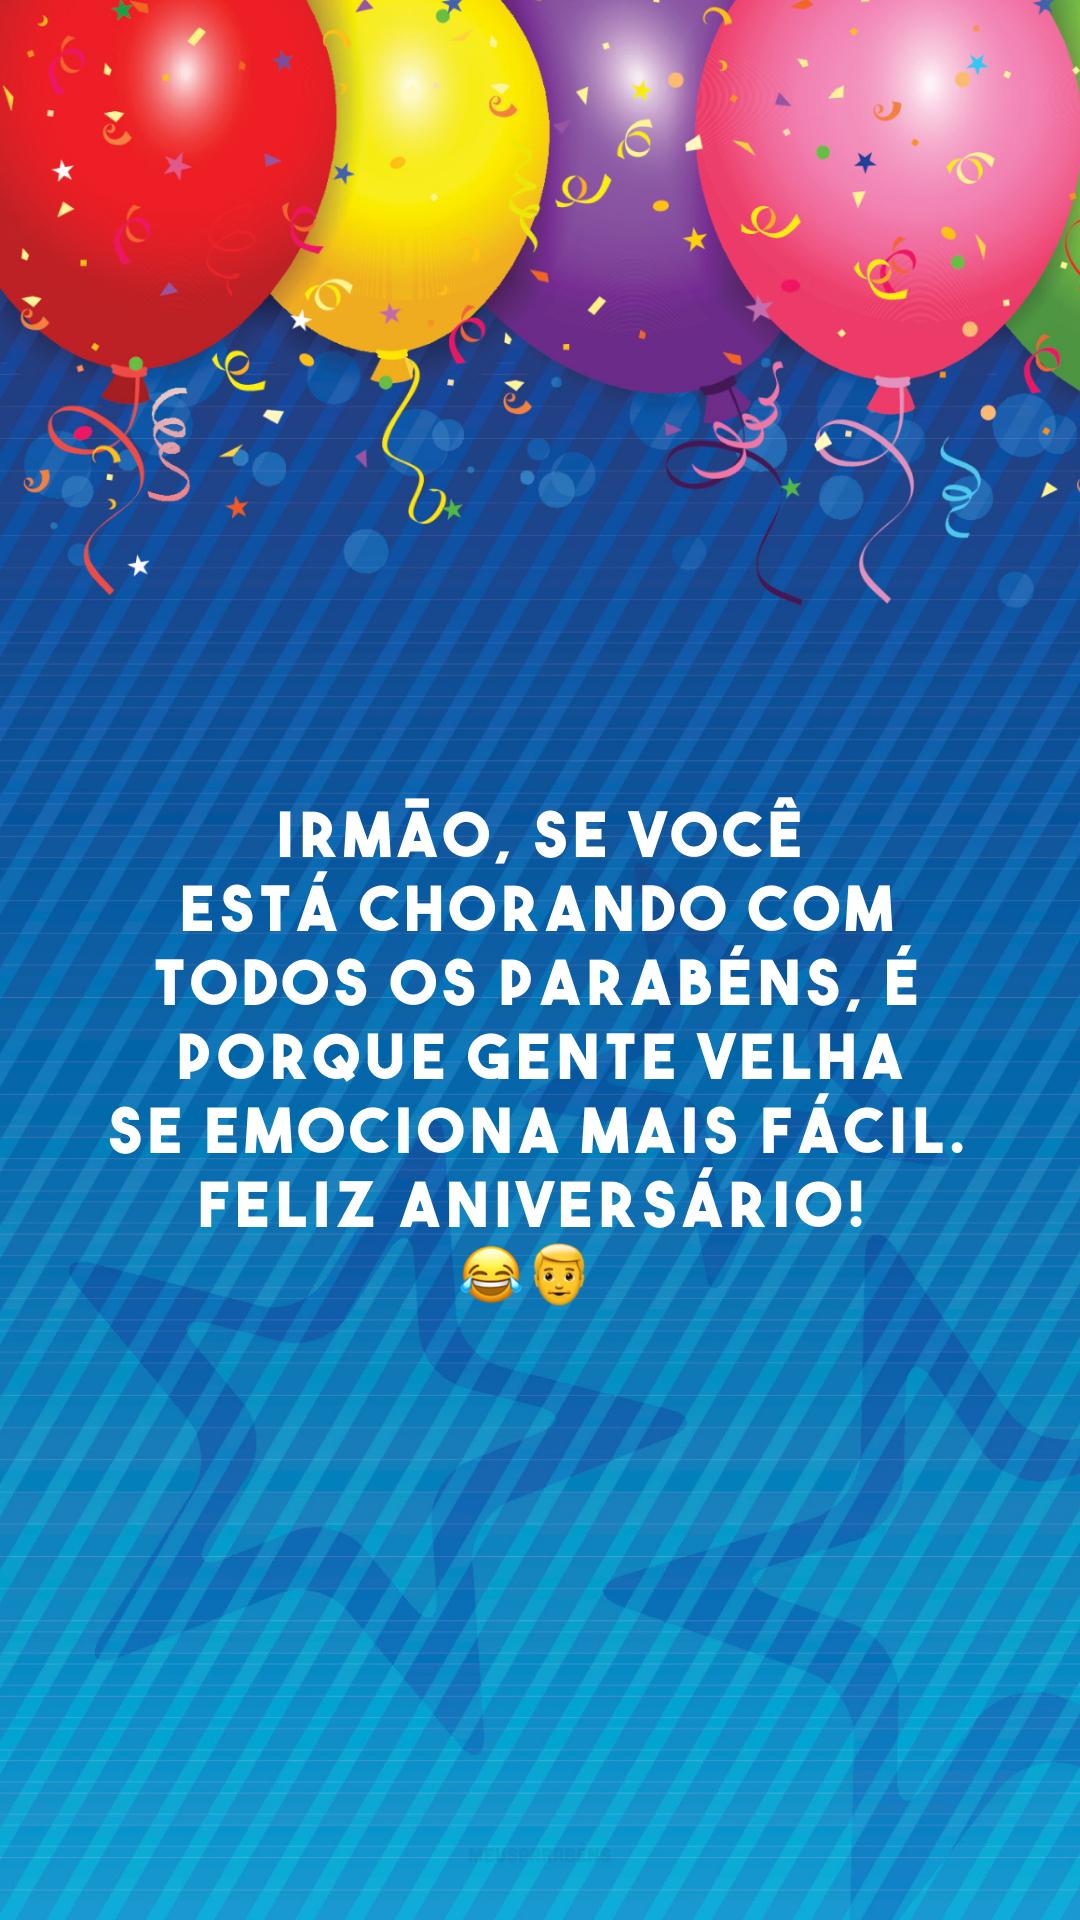 Irmão, se você está chorando com todos os parabéns, é porque gente velha se emociona mais fácil. Feliz aniversário!  😂👨🦳